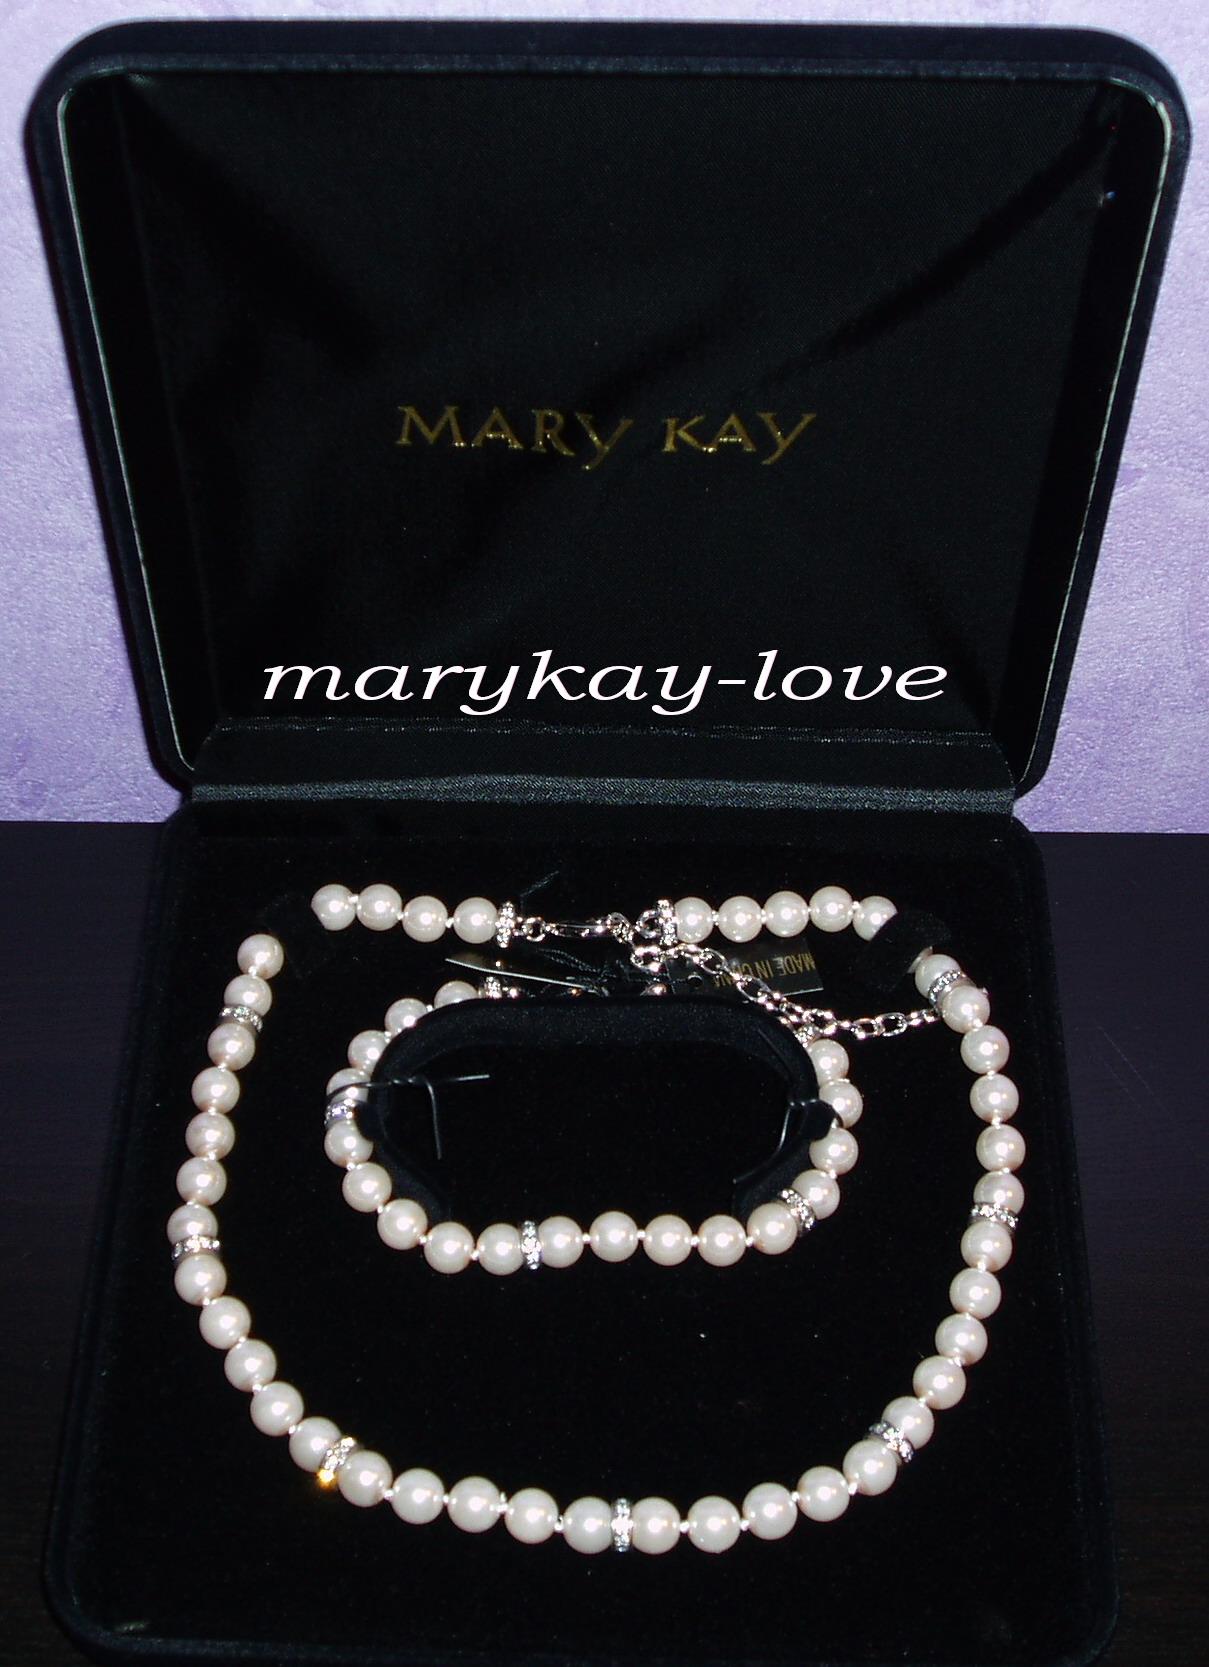 Фото стартового набора мэри кей 14 фотография